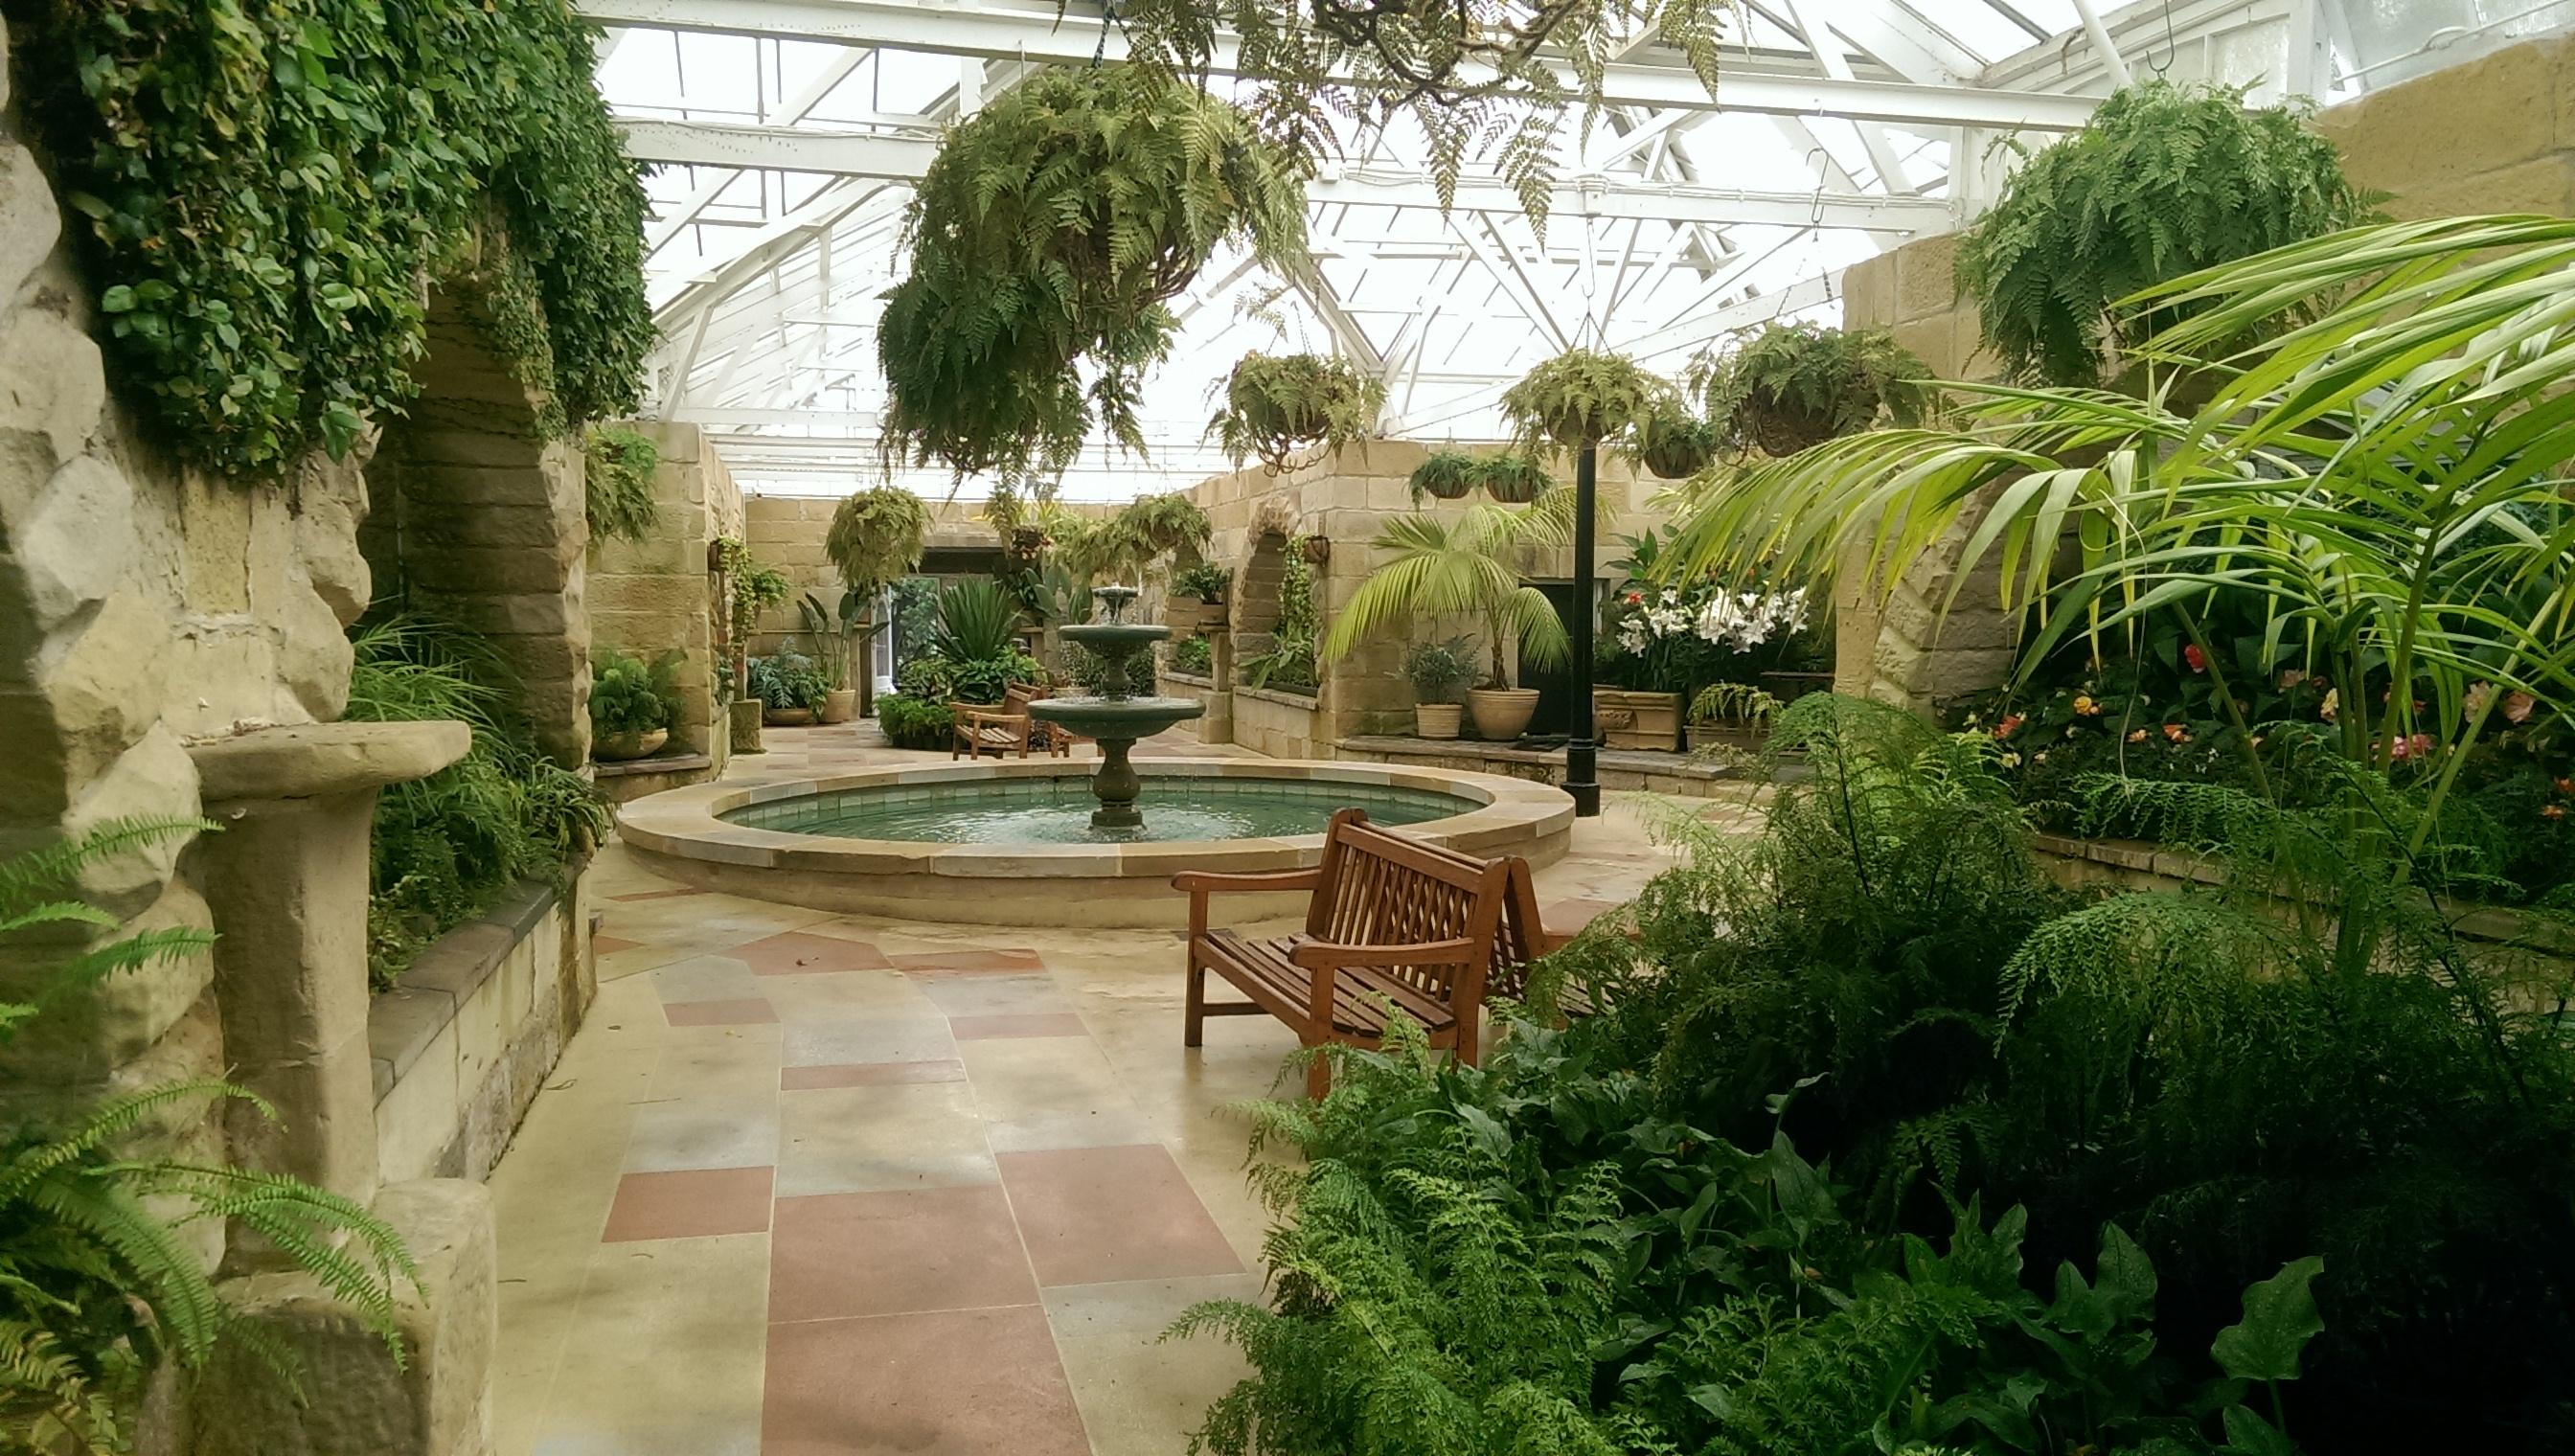 Botanical gardens conservatory venue